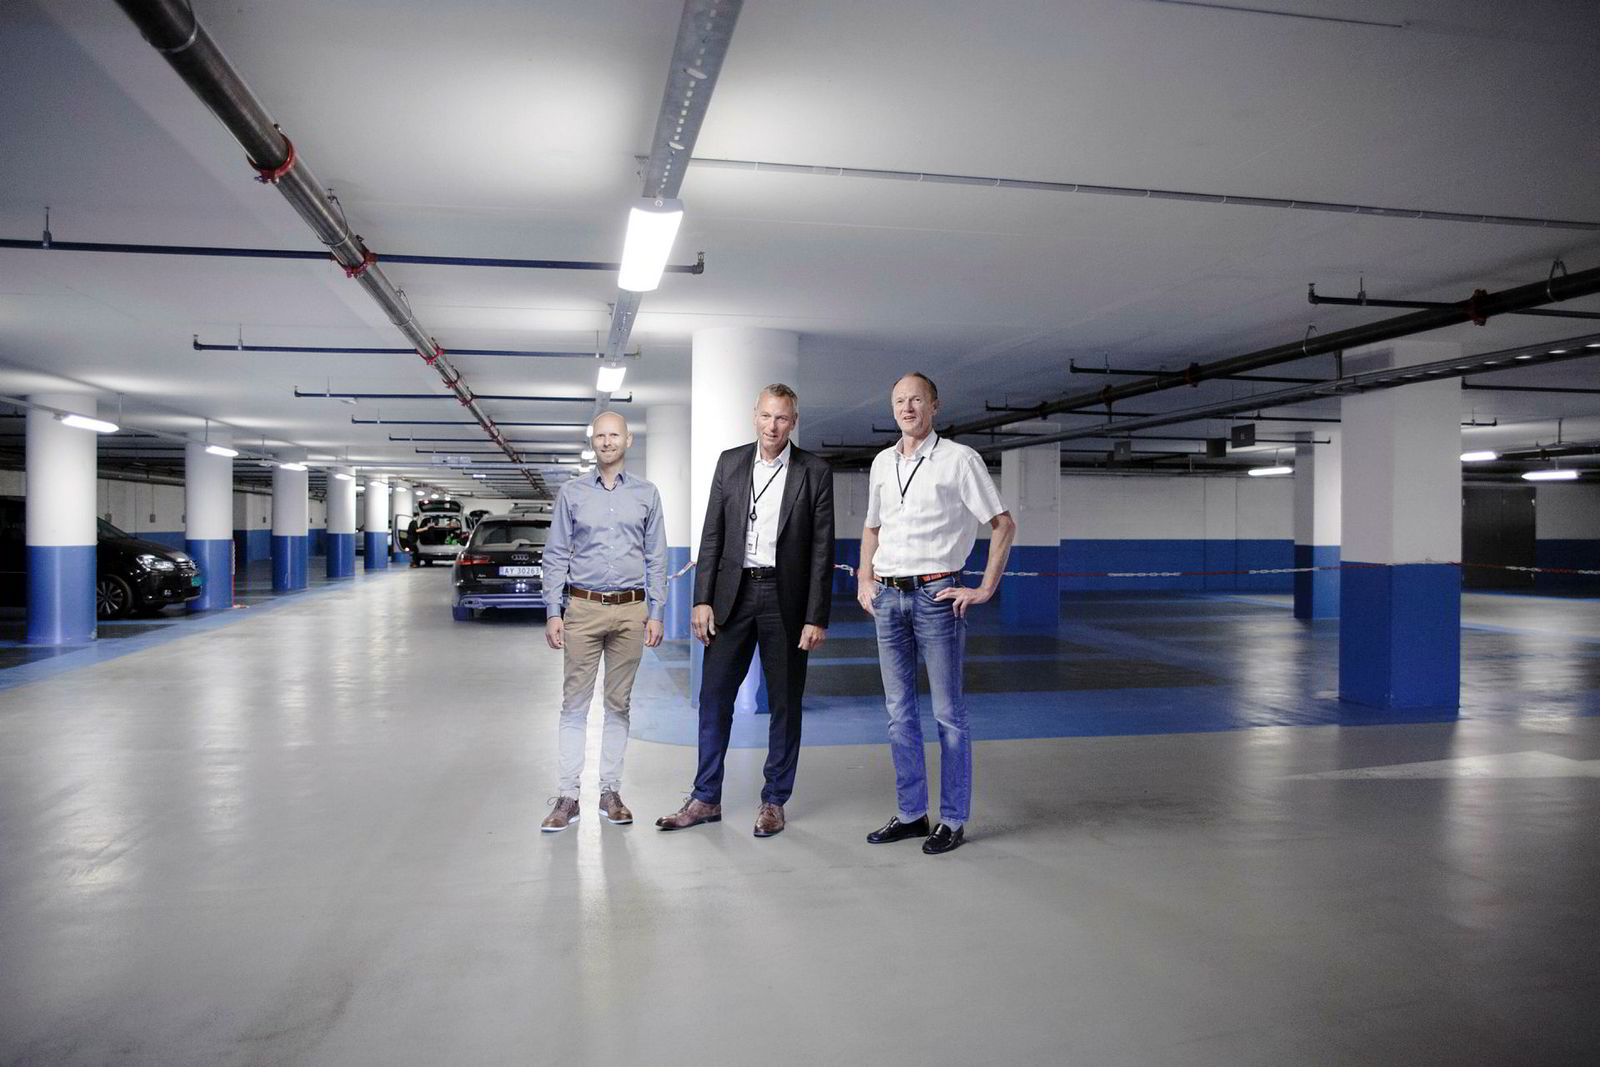 Fra høyre står administrerende direktør Gunnar Gjørtz i KLP Eiendom, administrerende direktør Rolf Thorsen i Oslo S Utvikling og investeringsdirektør Tov Sønsterud i KLP Eiendom i kjelleren under Barcode.